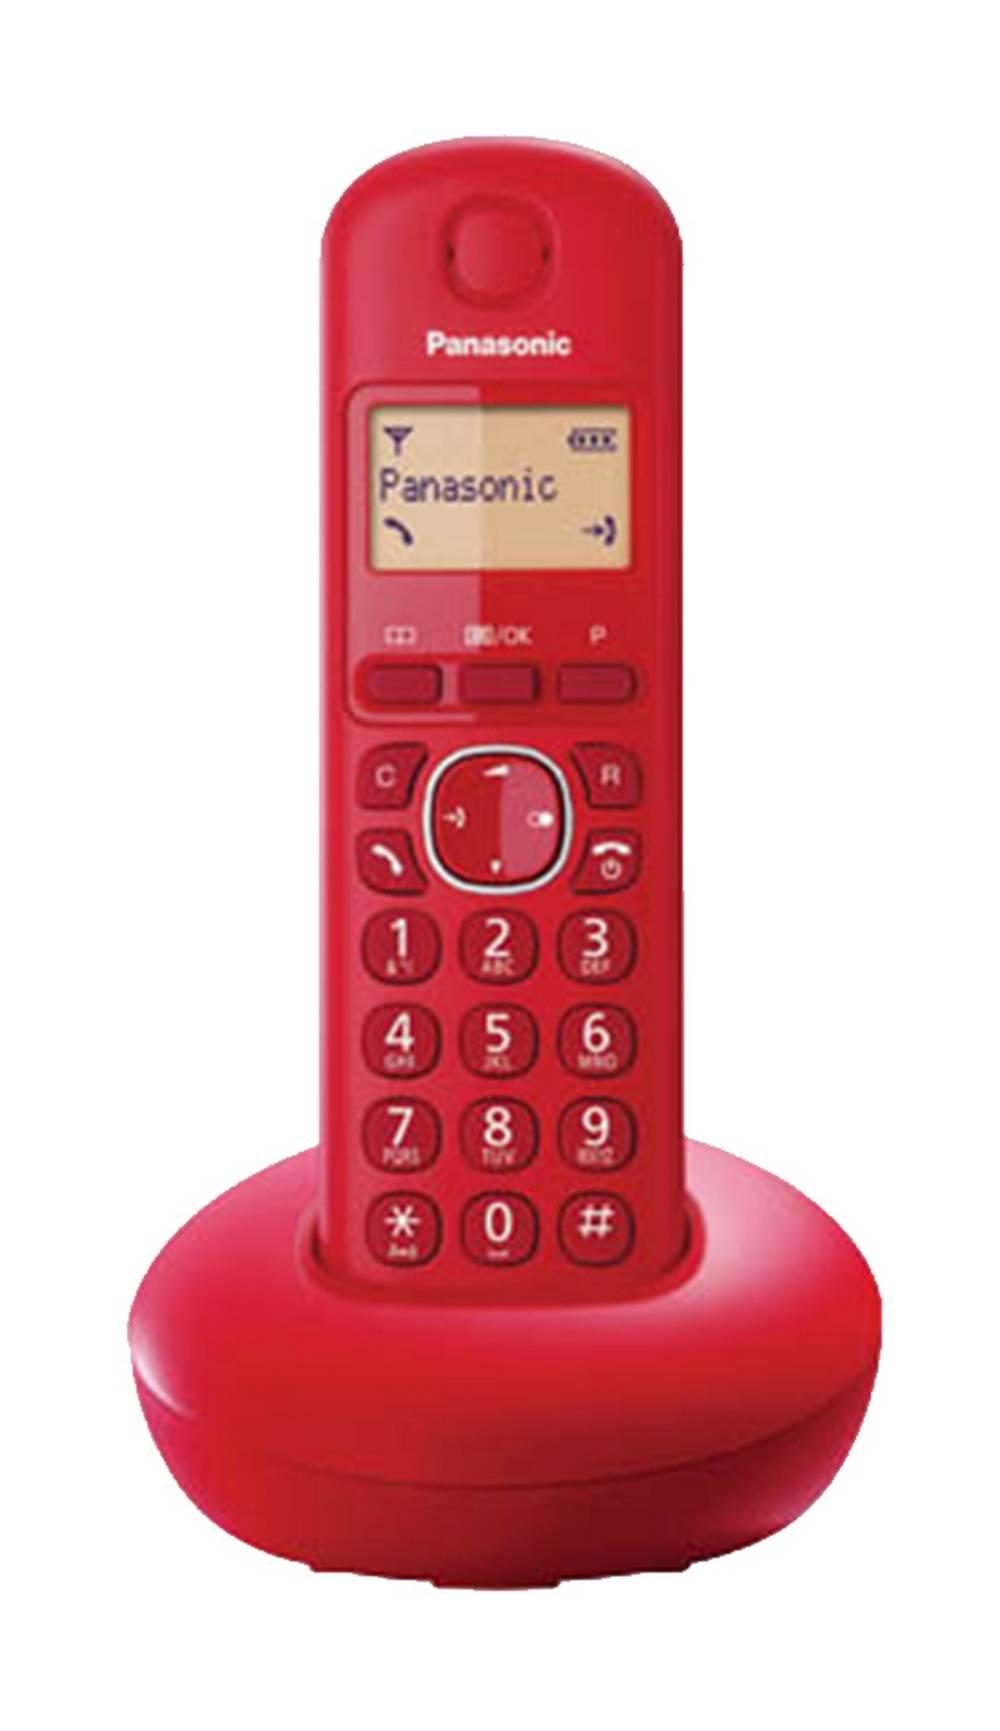 Ασύρματο Ψηφιακό Τηλέφωνο Panasonic KX-TGB210GRR Κόκκινο